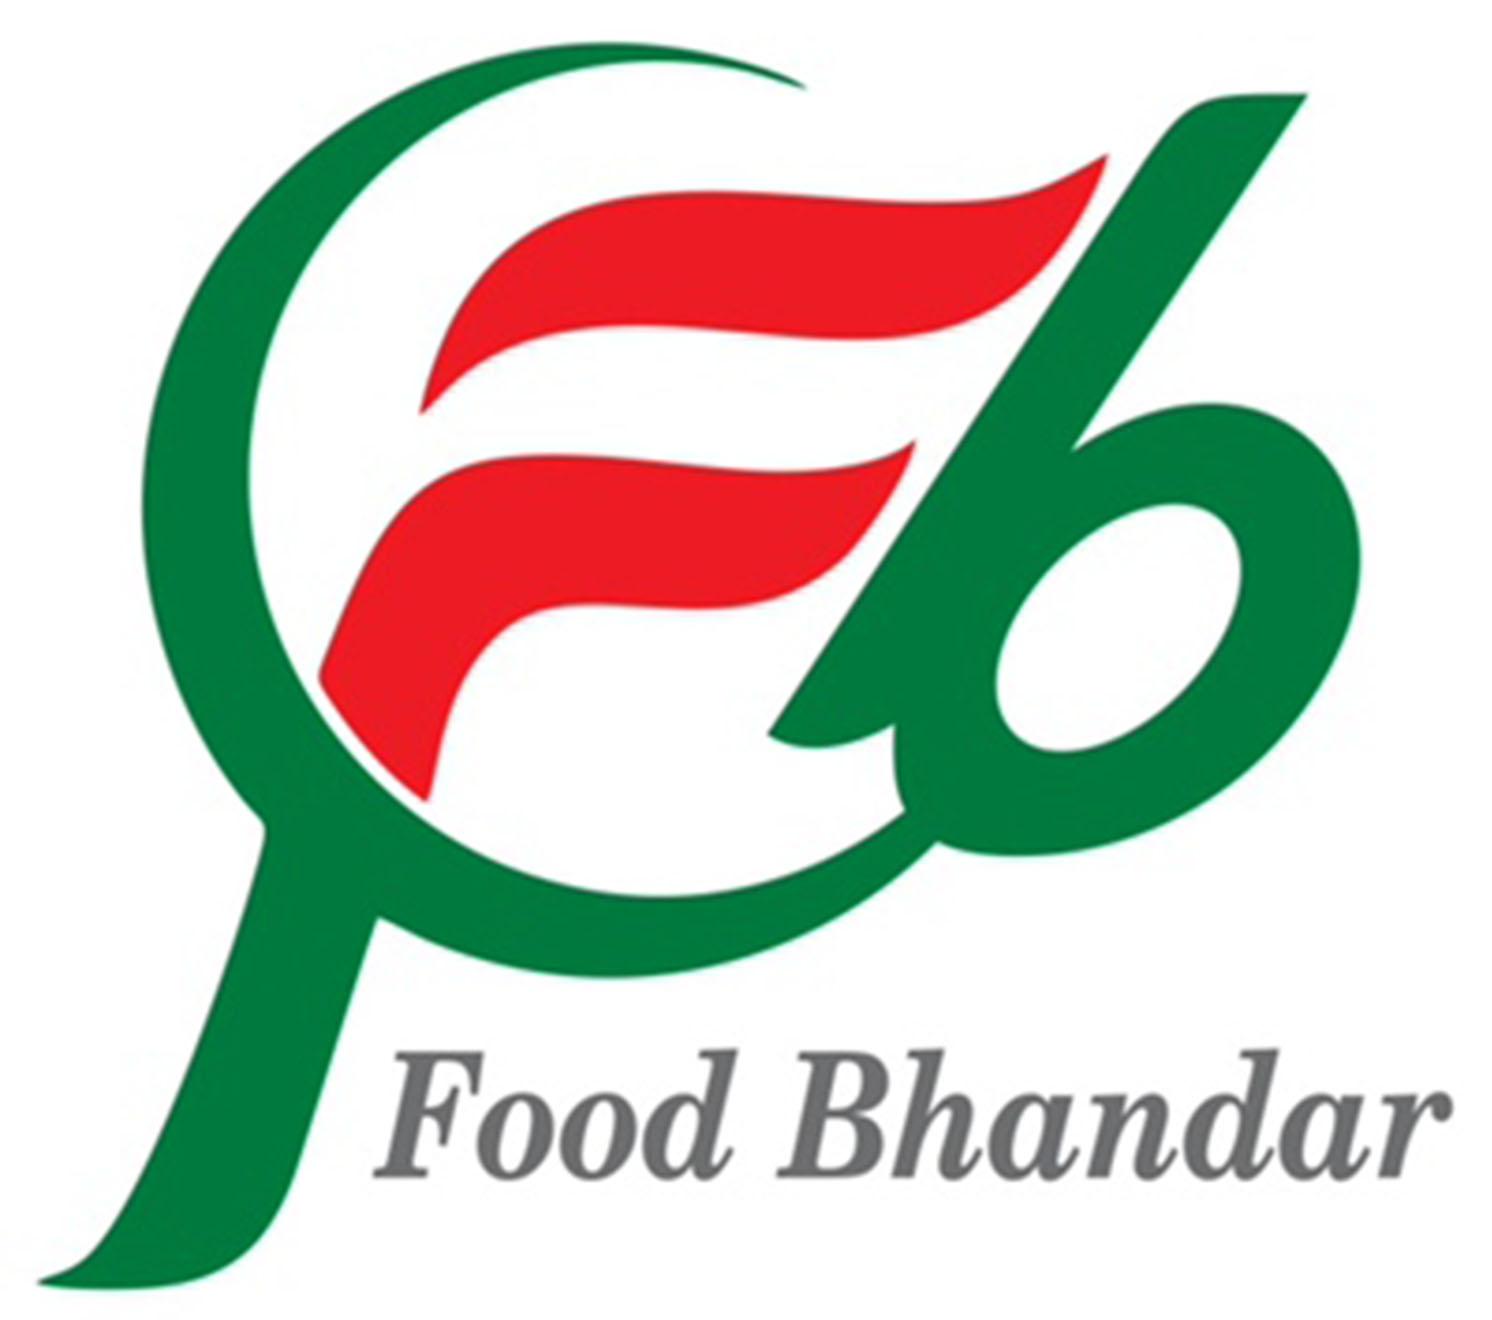 Foodbhandar